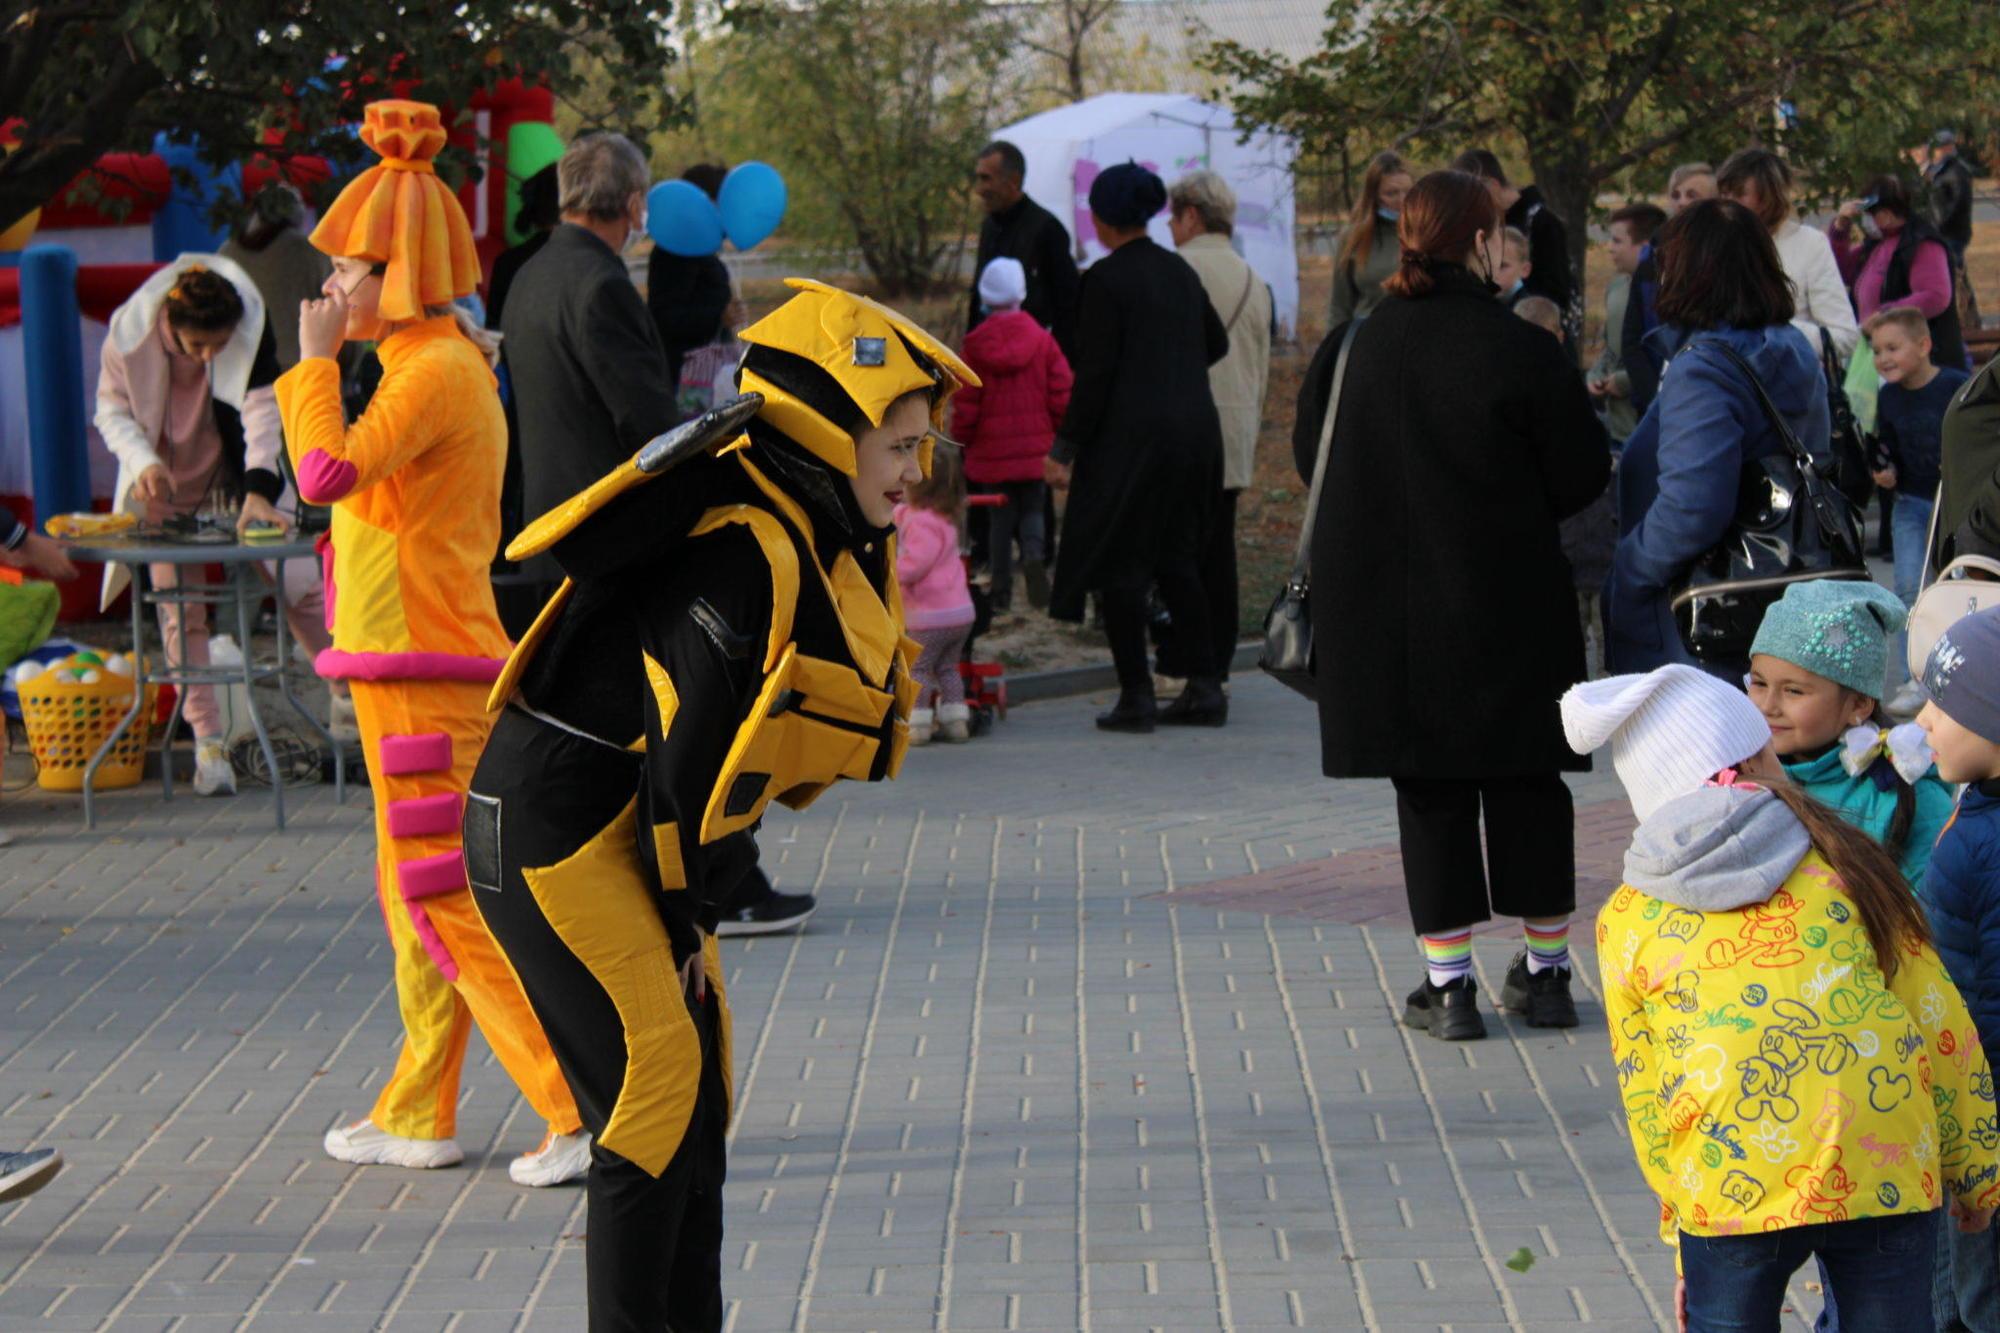 Традиційне свято в умовах карантину та виборчого процесу: як в Бахмуті відзначили День мікрорайону Західний (ФОТОРЕПОРТАЖ)